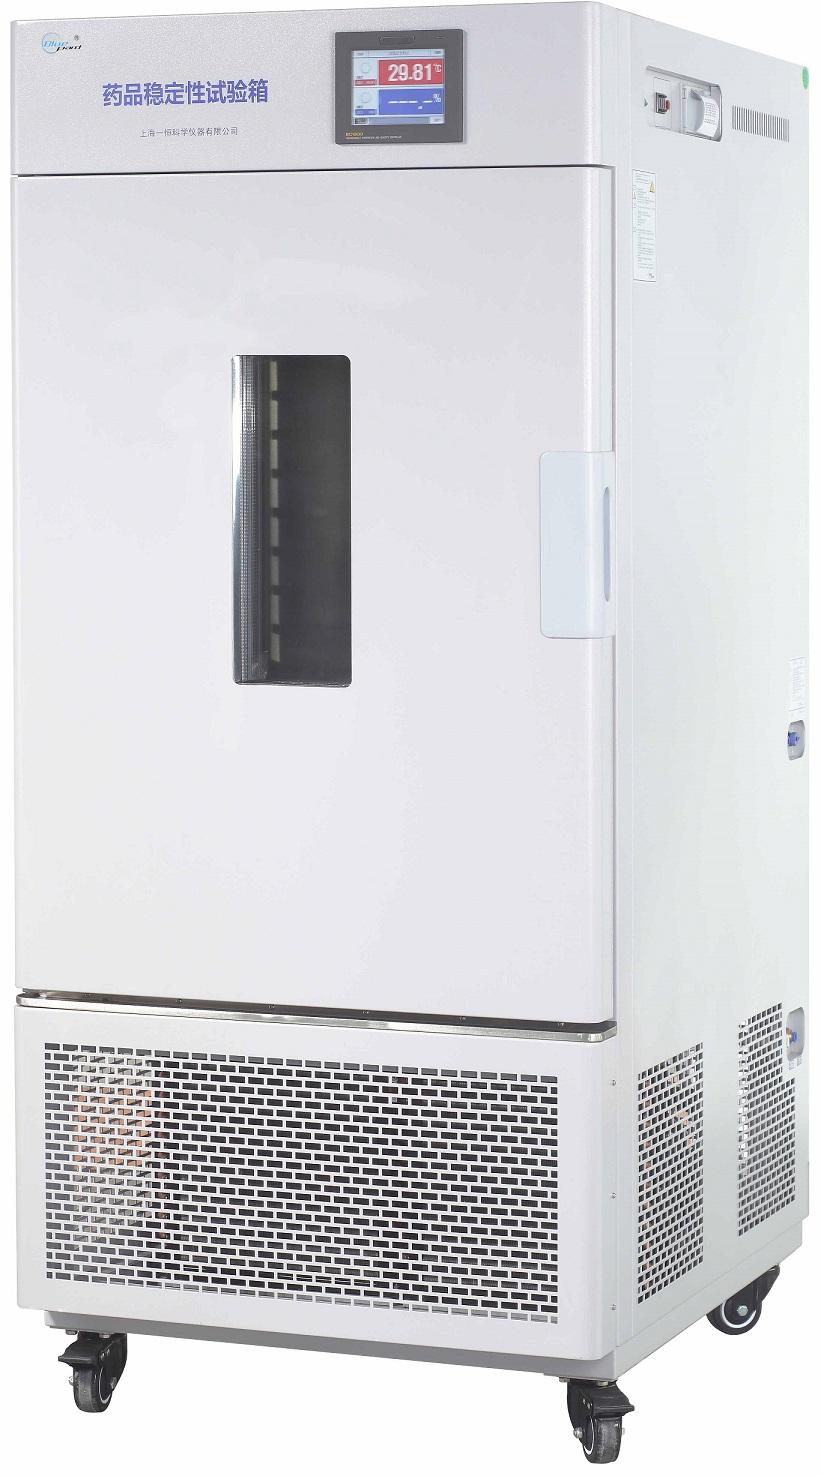 上海一恒LHH-150GSD LHH-150GSP综合药品稳定性试验箱